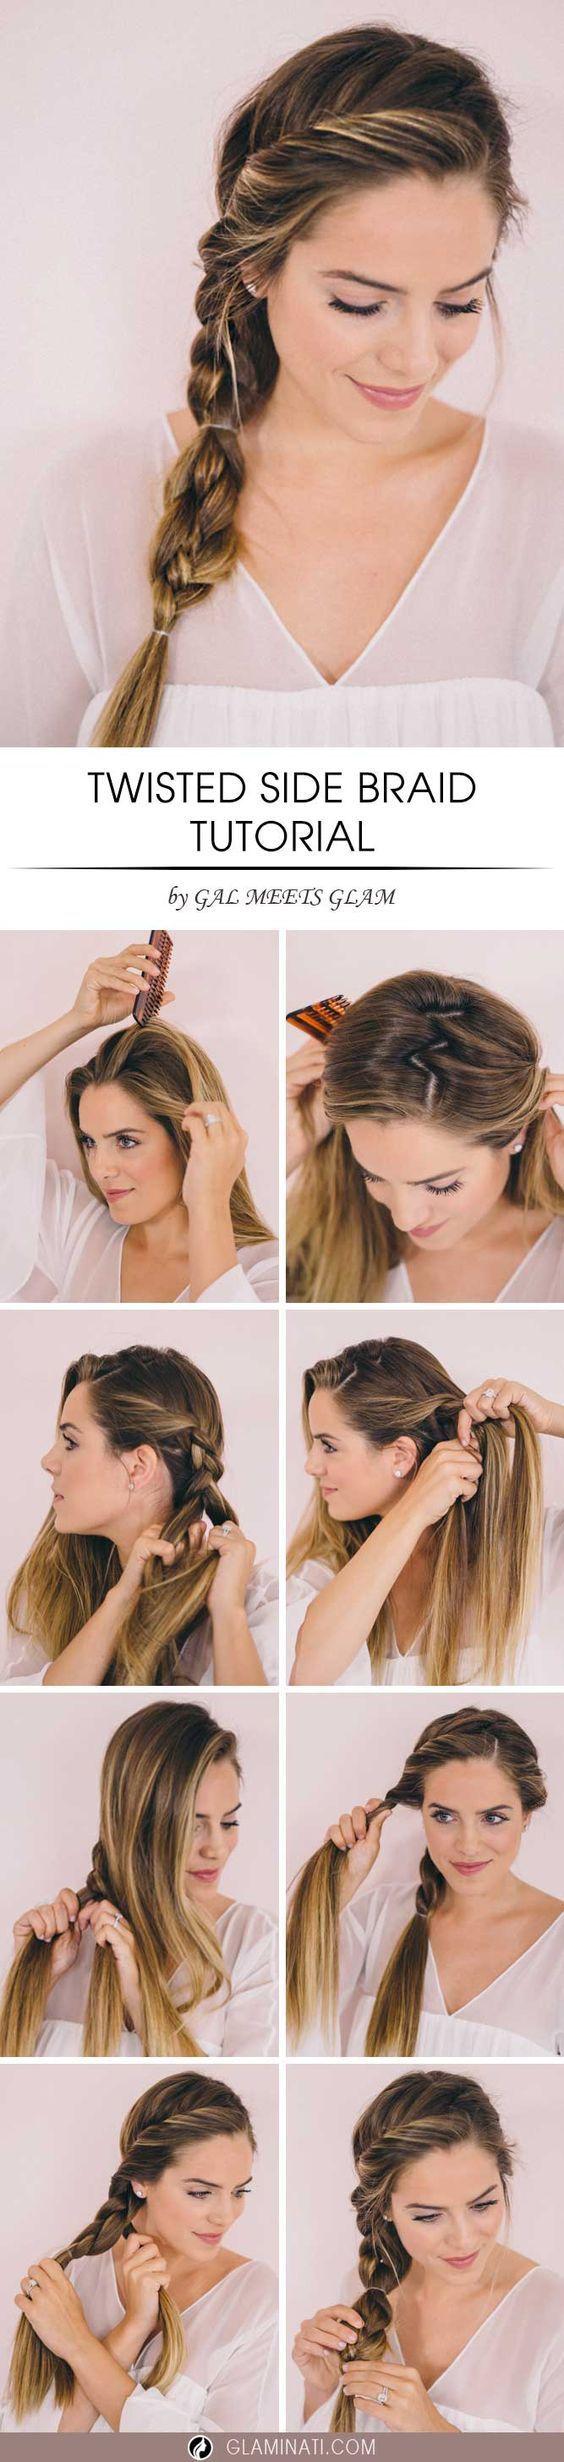 10 peinados rápidos para no perder el tiempo peinándote en vacaciones - Mujer de 10